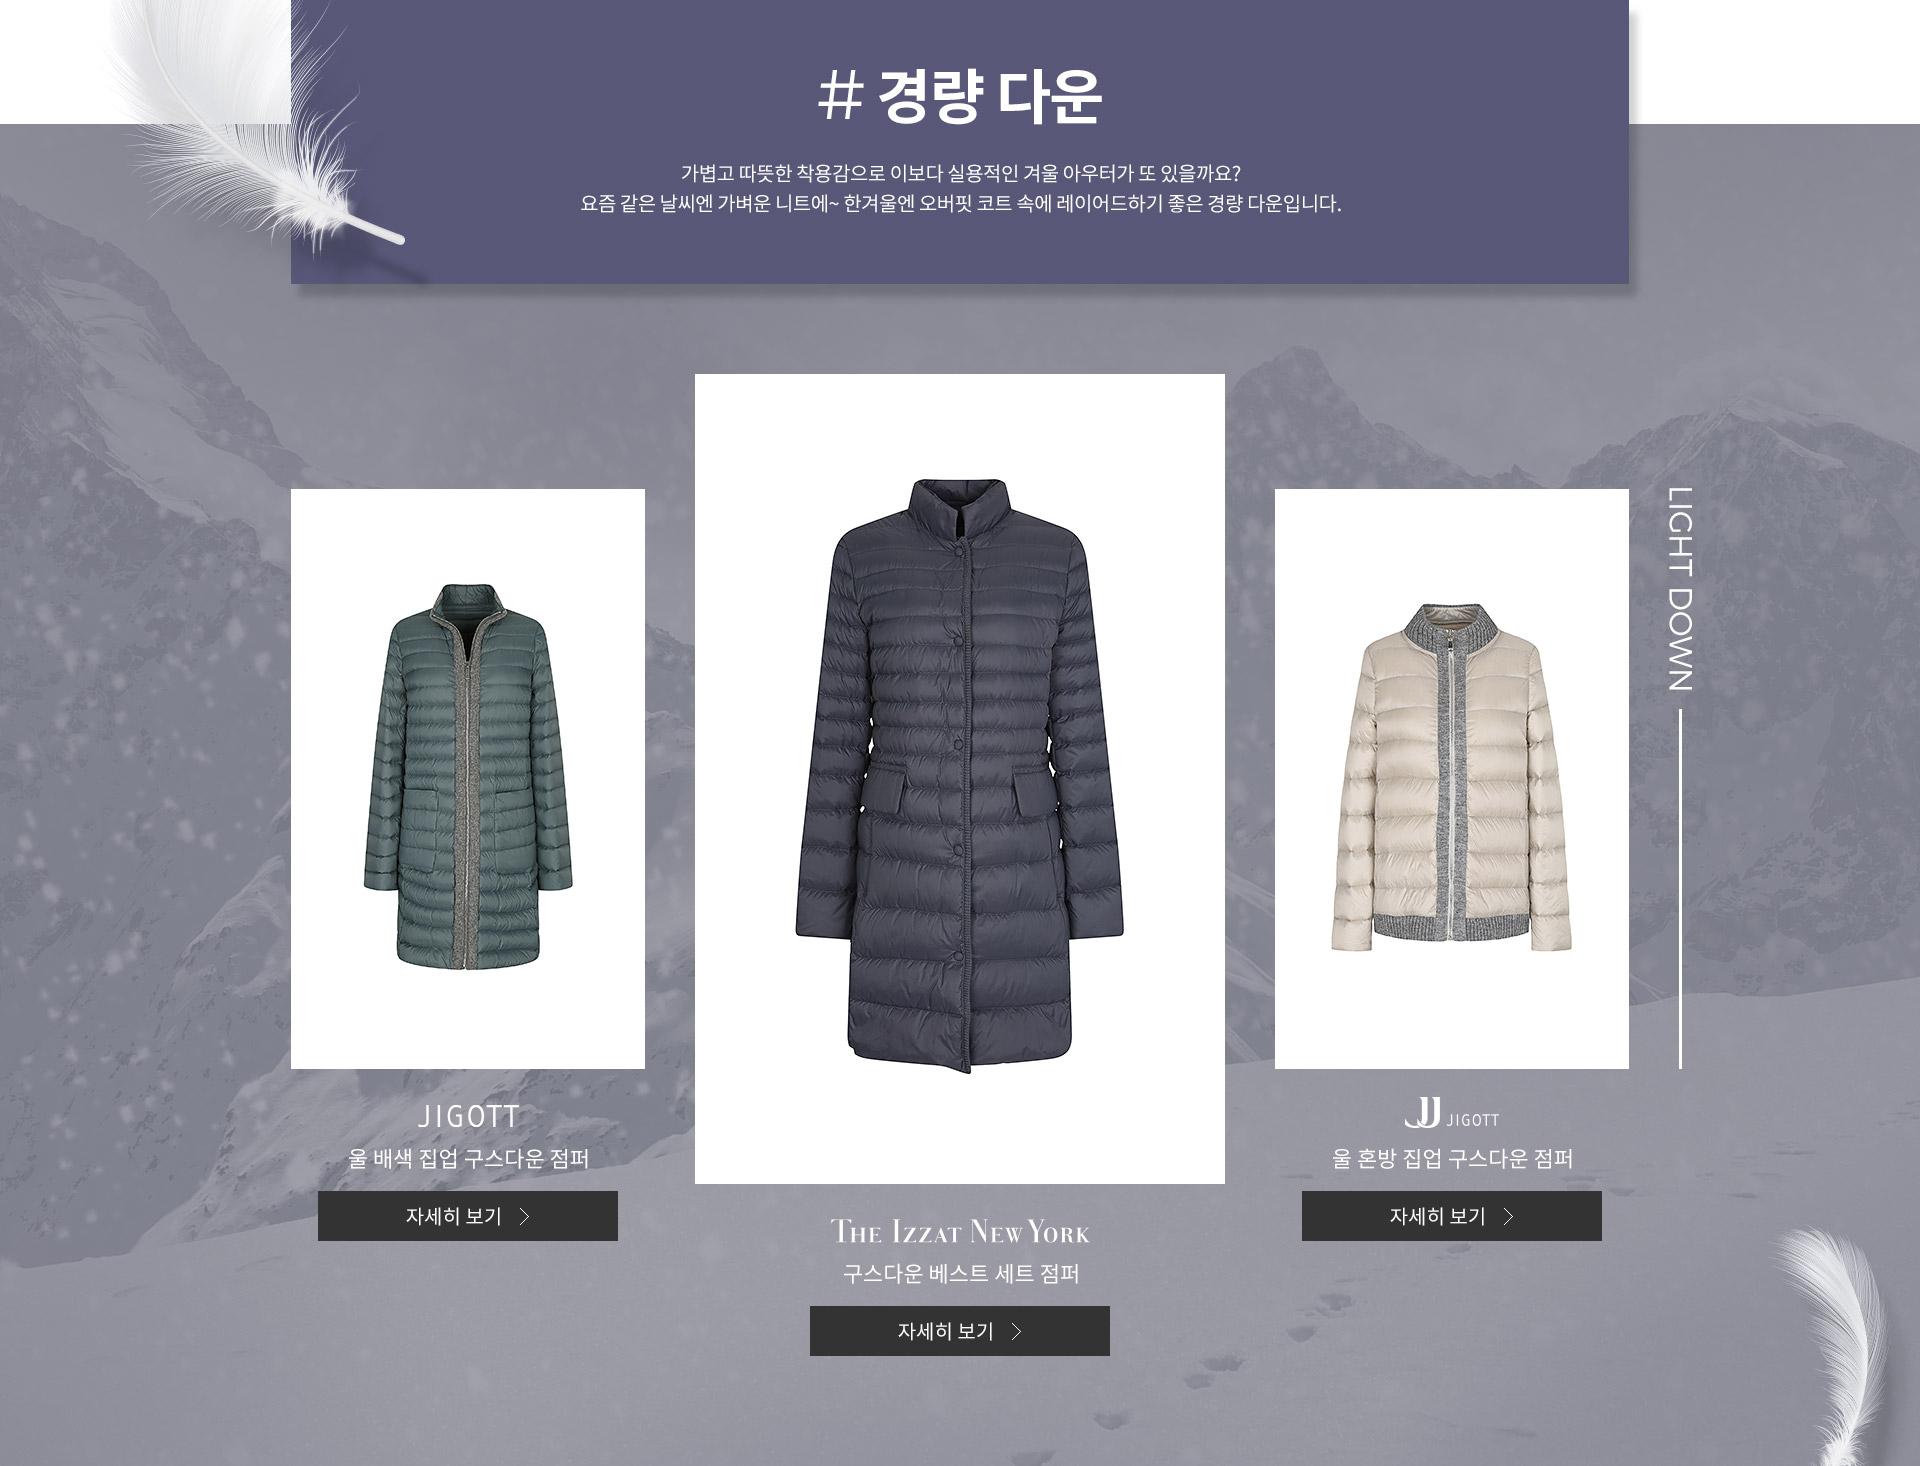 경량다운, 가볍고, 따듯한 착용감으로 이보다 시룡ㅇ적인 겨울 아우터가 또있을가요? 요즘 같은 나씨엔 가변운 니트에 한겨울엔 오버핏 코트 속에 레이어드하기 좋은 경량 다운입니다.